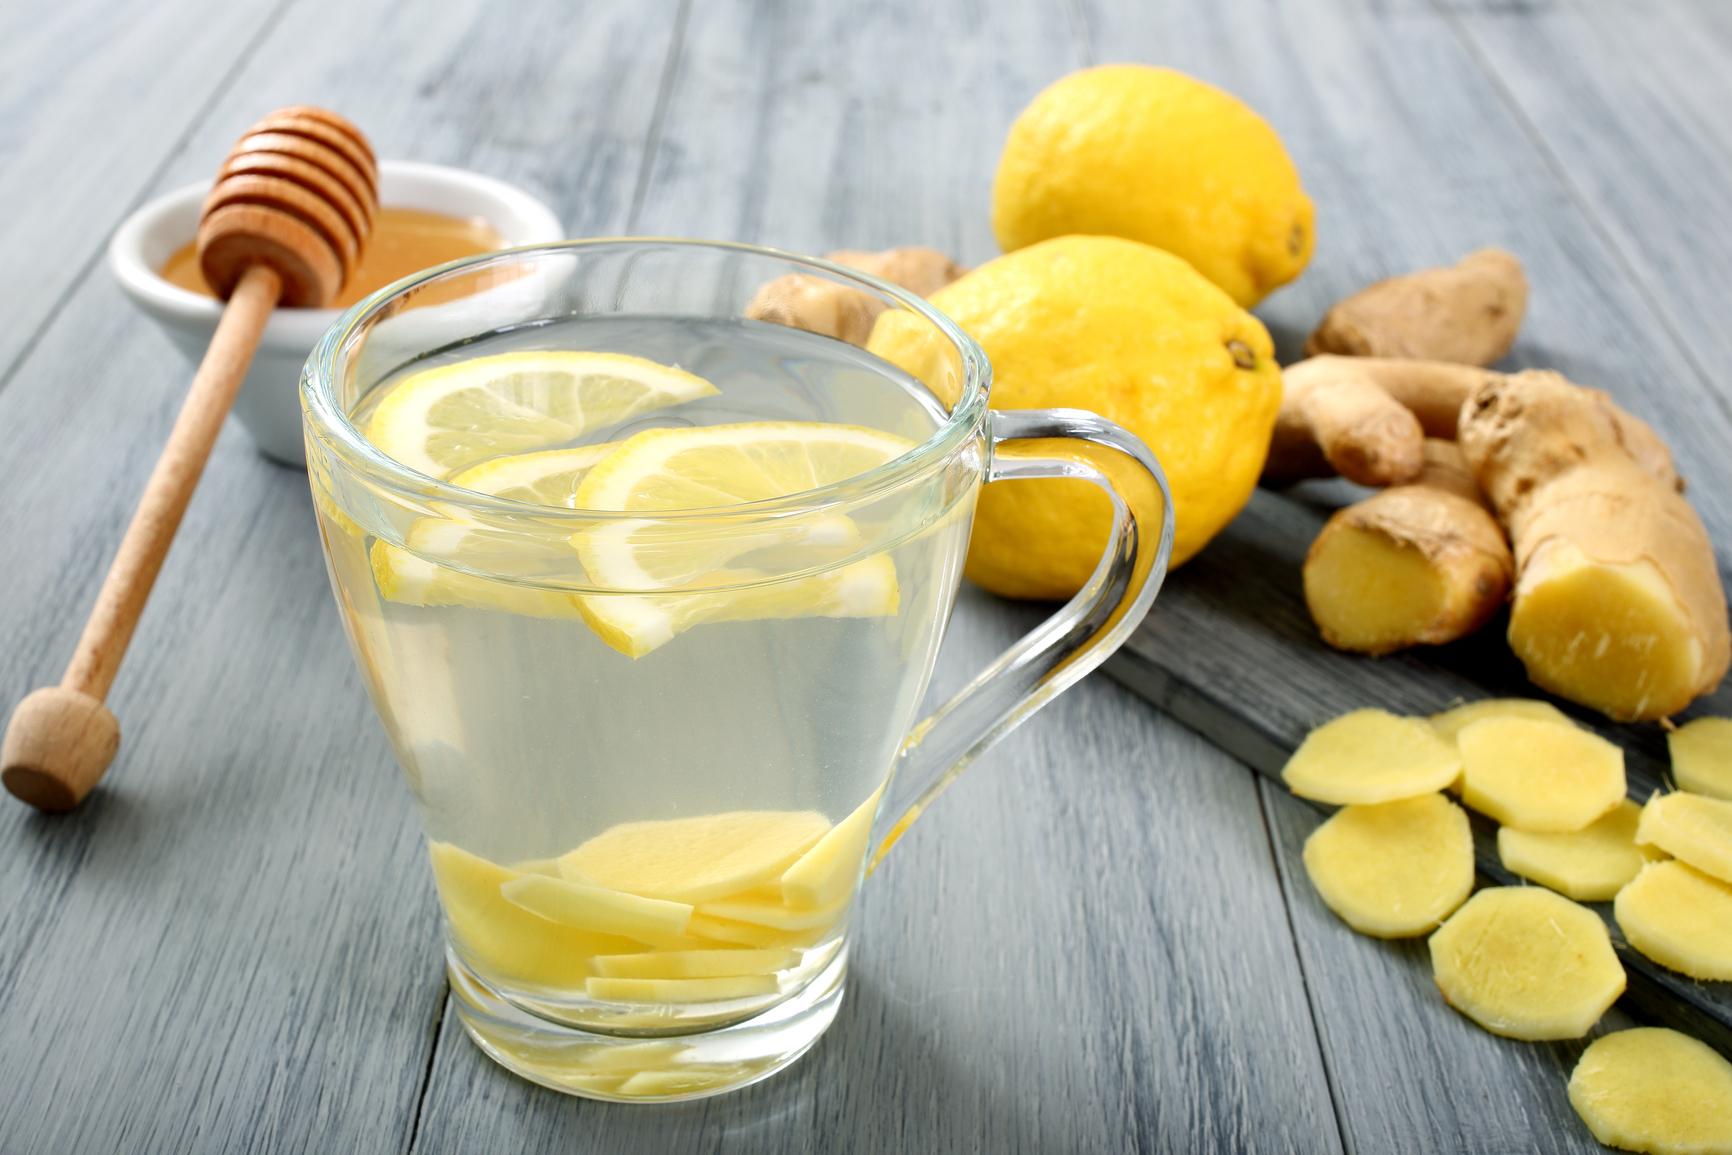 Вода с лимоном натощак для похудения рецепт